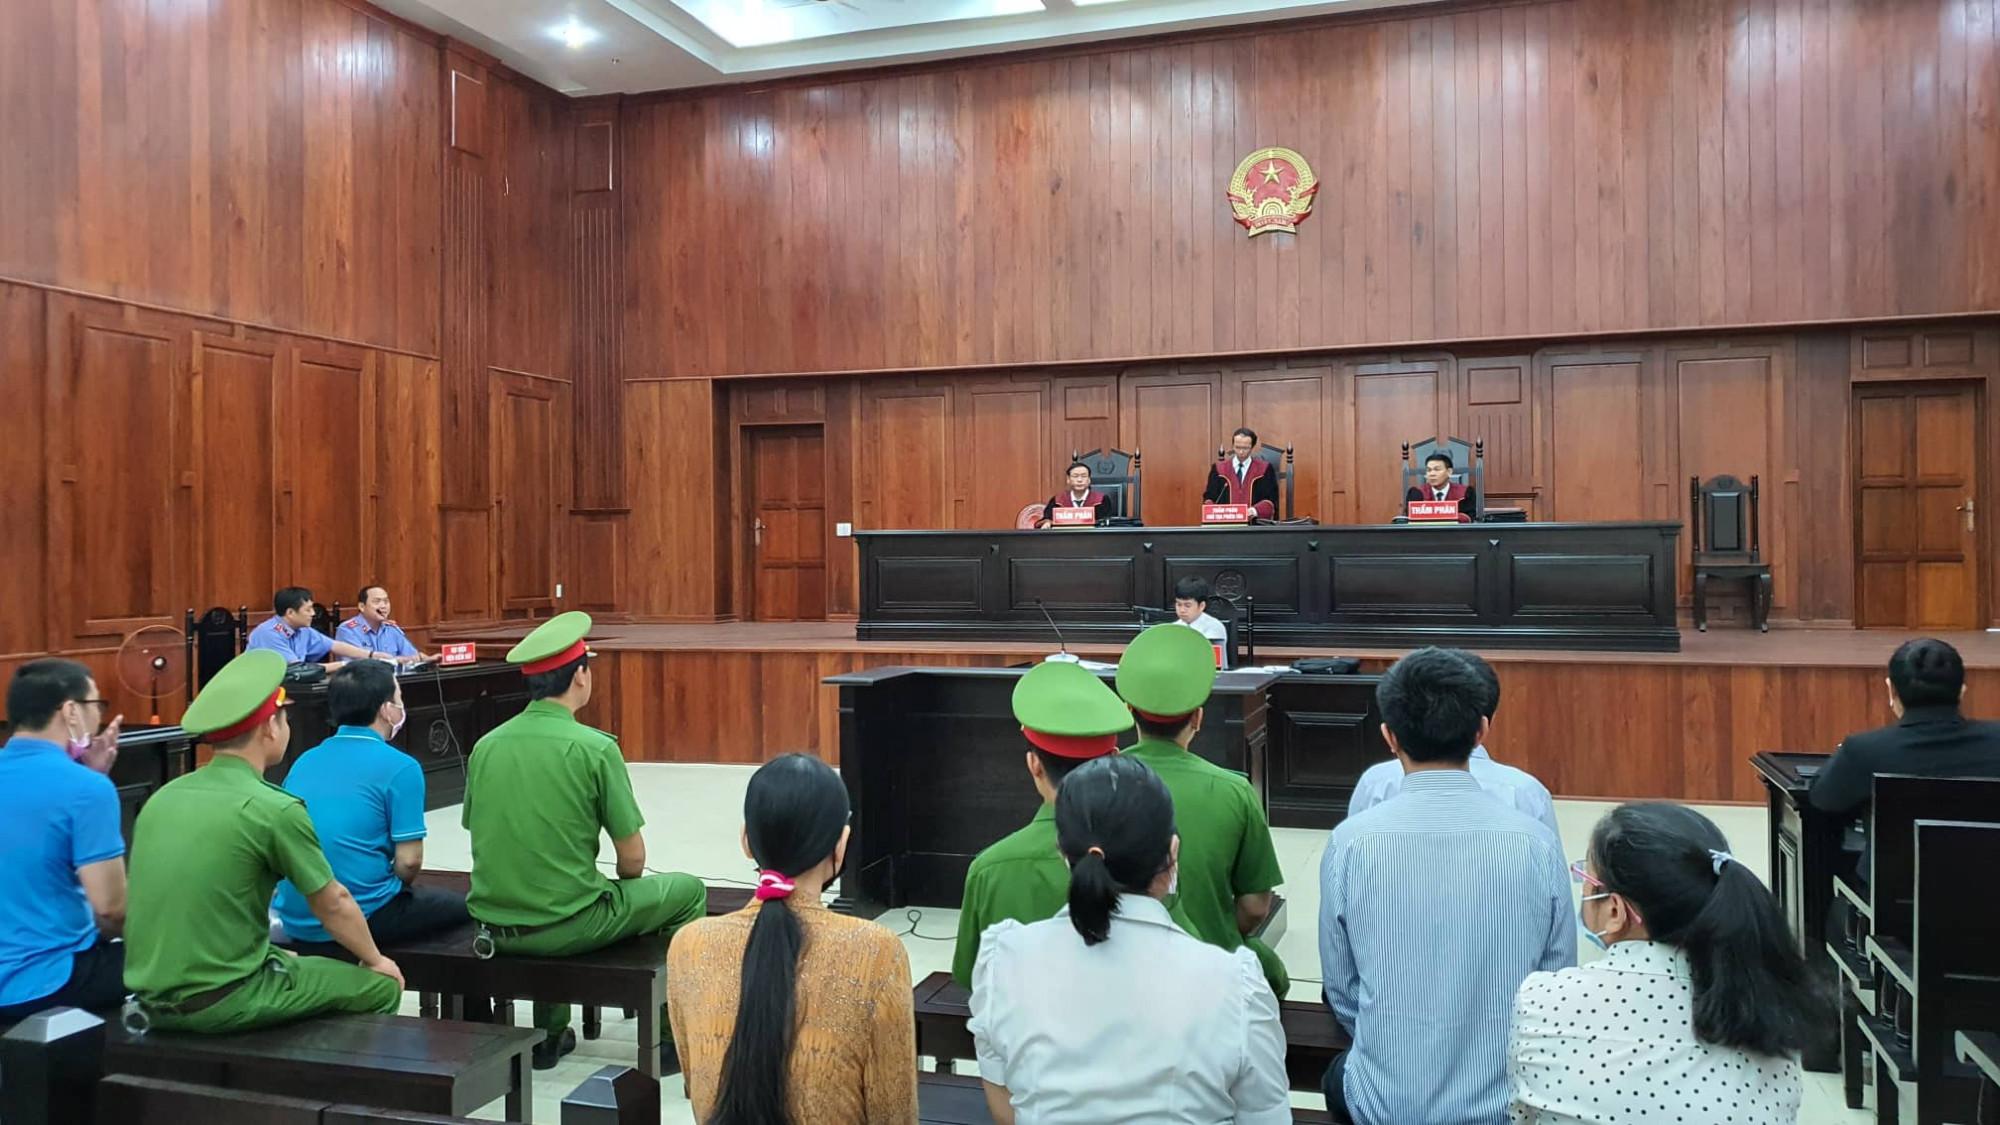 Nhiều người vắng mặt tại phiên xét xử phúc thẩm tại Tòa án nhân dân cấp cao TP.HCM sáng 10/2/2020